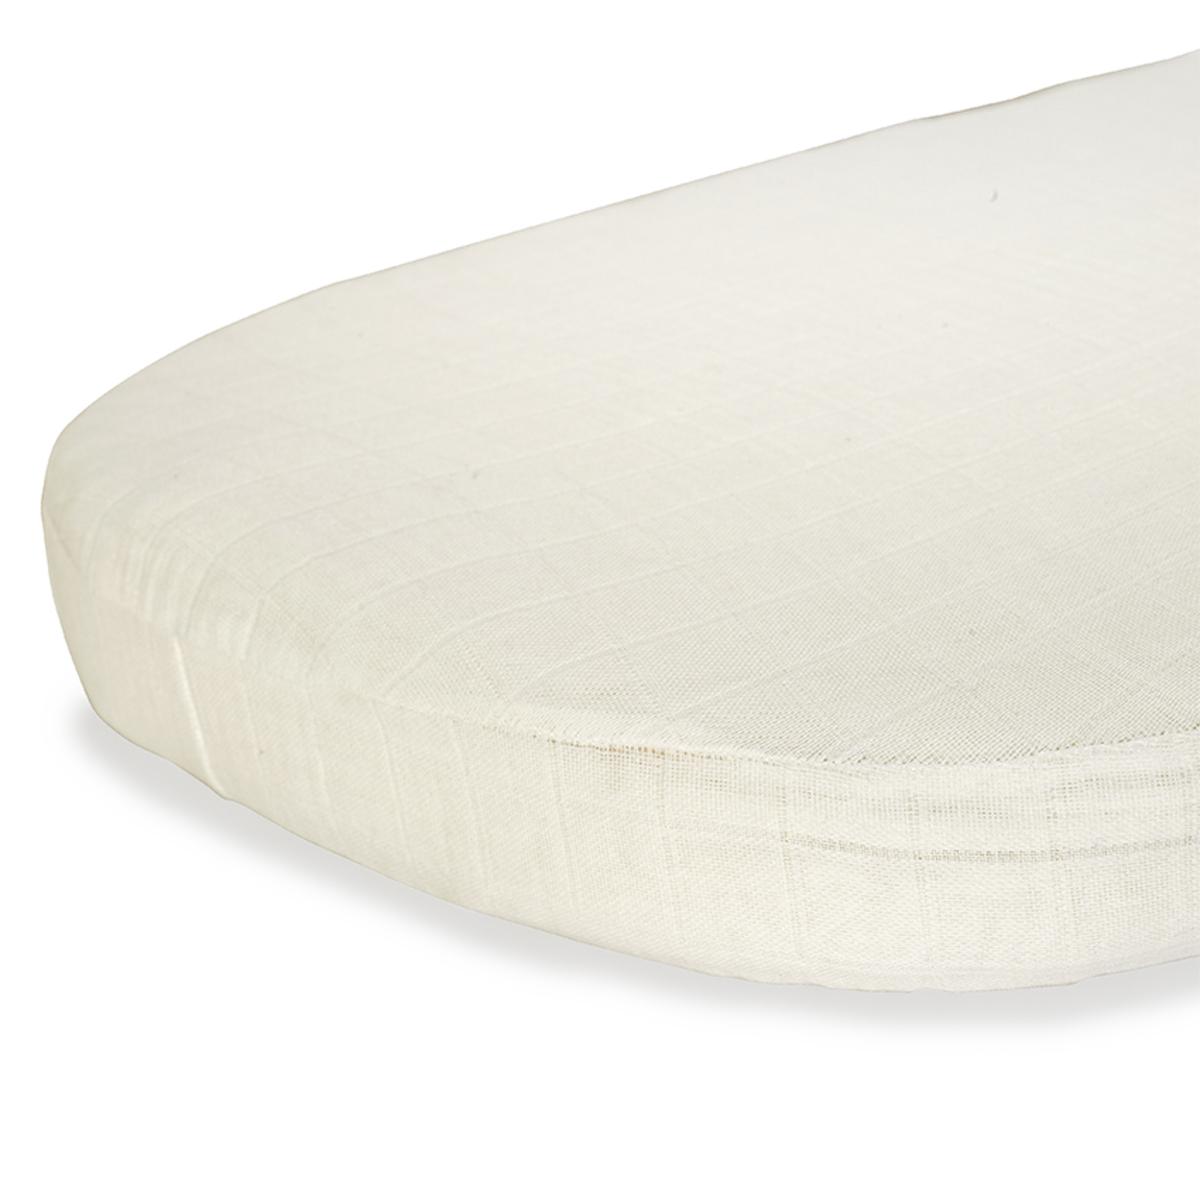 Linge de lit Drap Housse Kumi Papuche Milk - 45 x 68 cm Drap Housse Kumi Papuche Milk - 45 x 68 cm